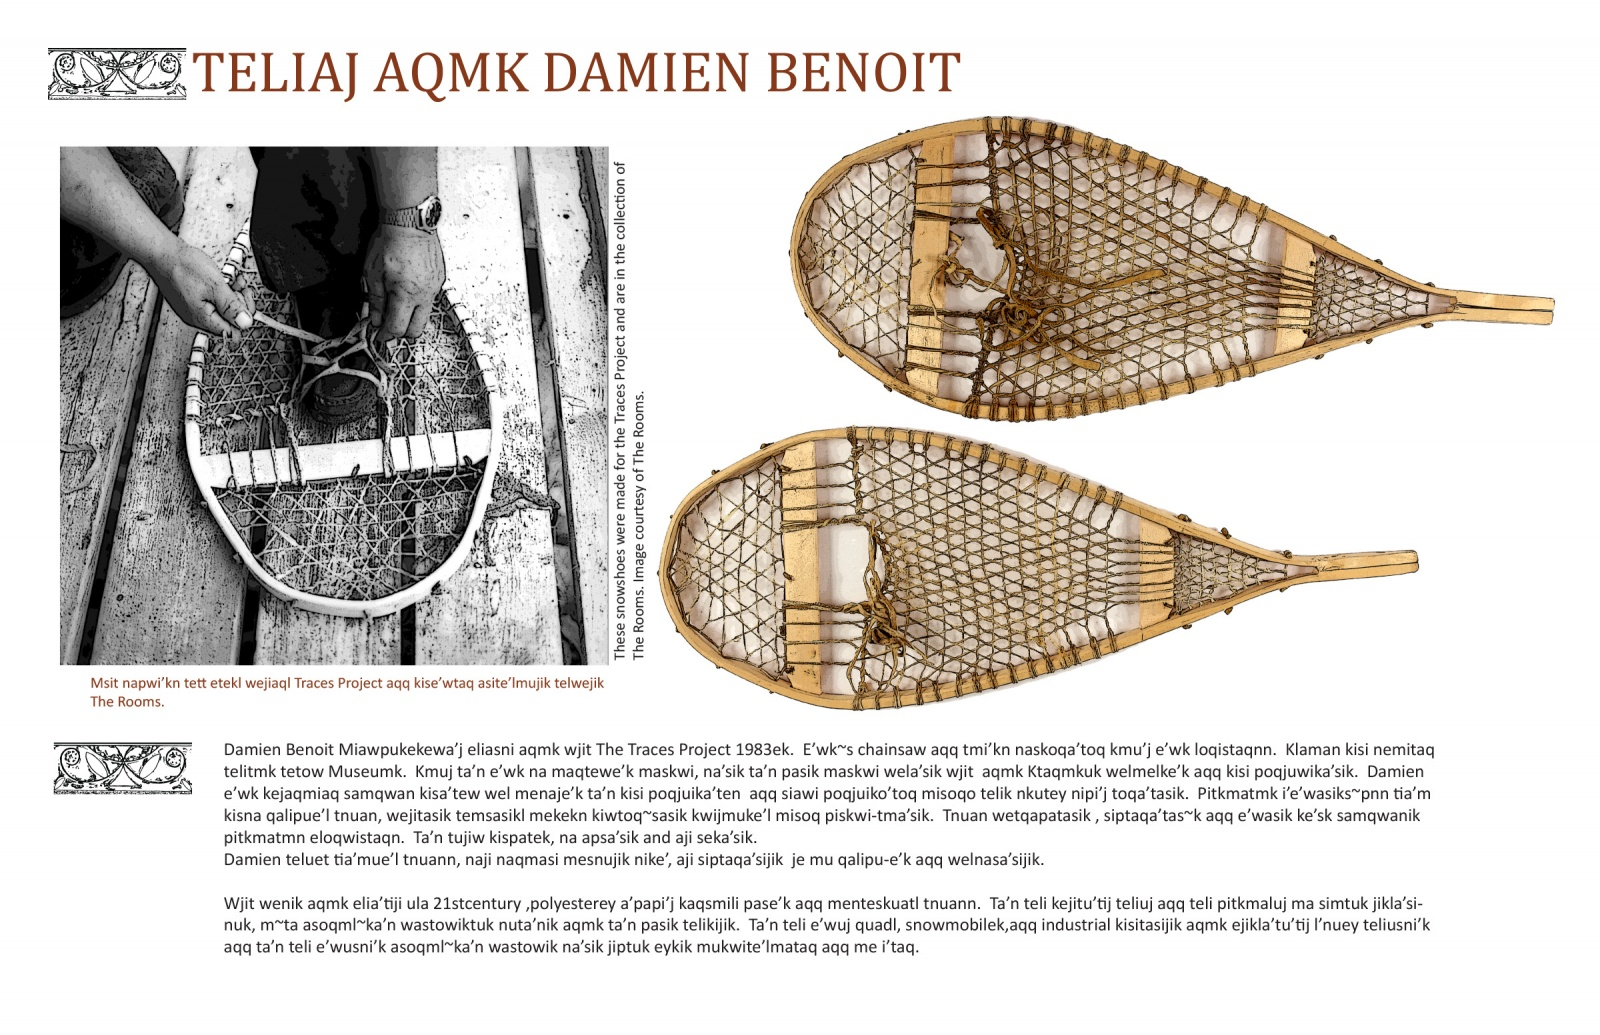 Teliaj Aqmk Damien Benoit